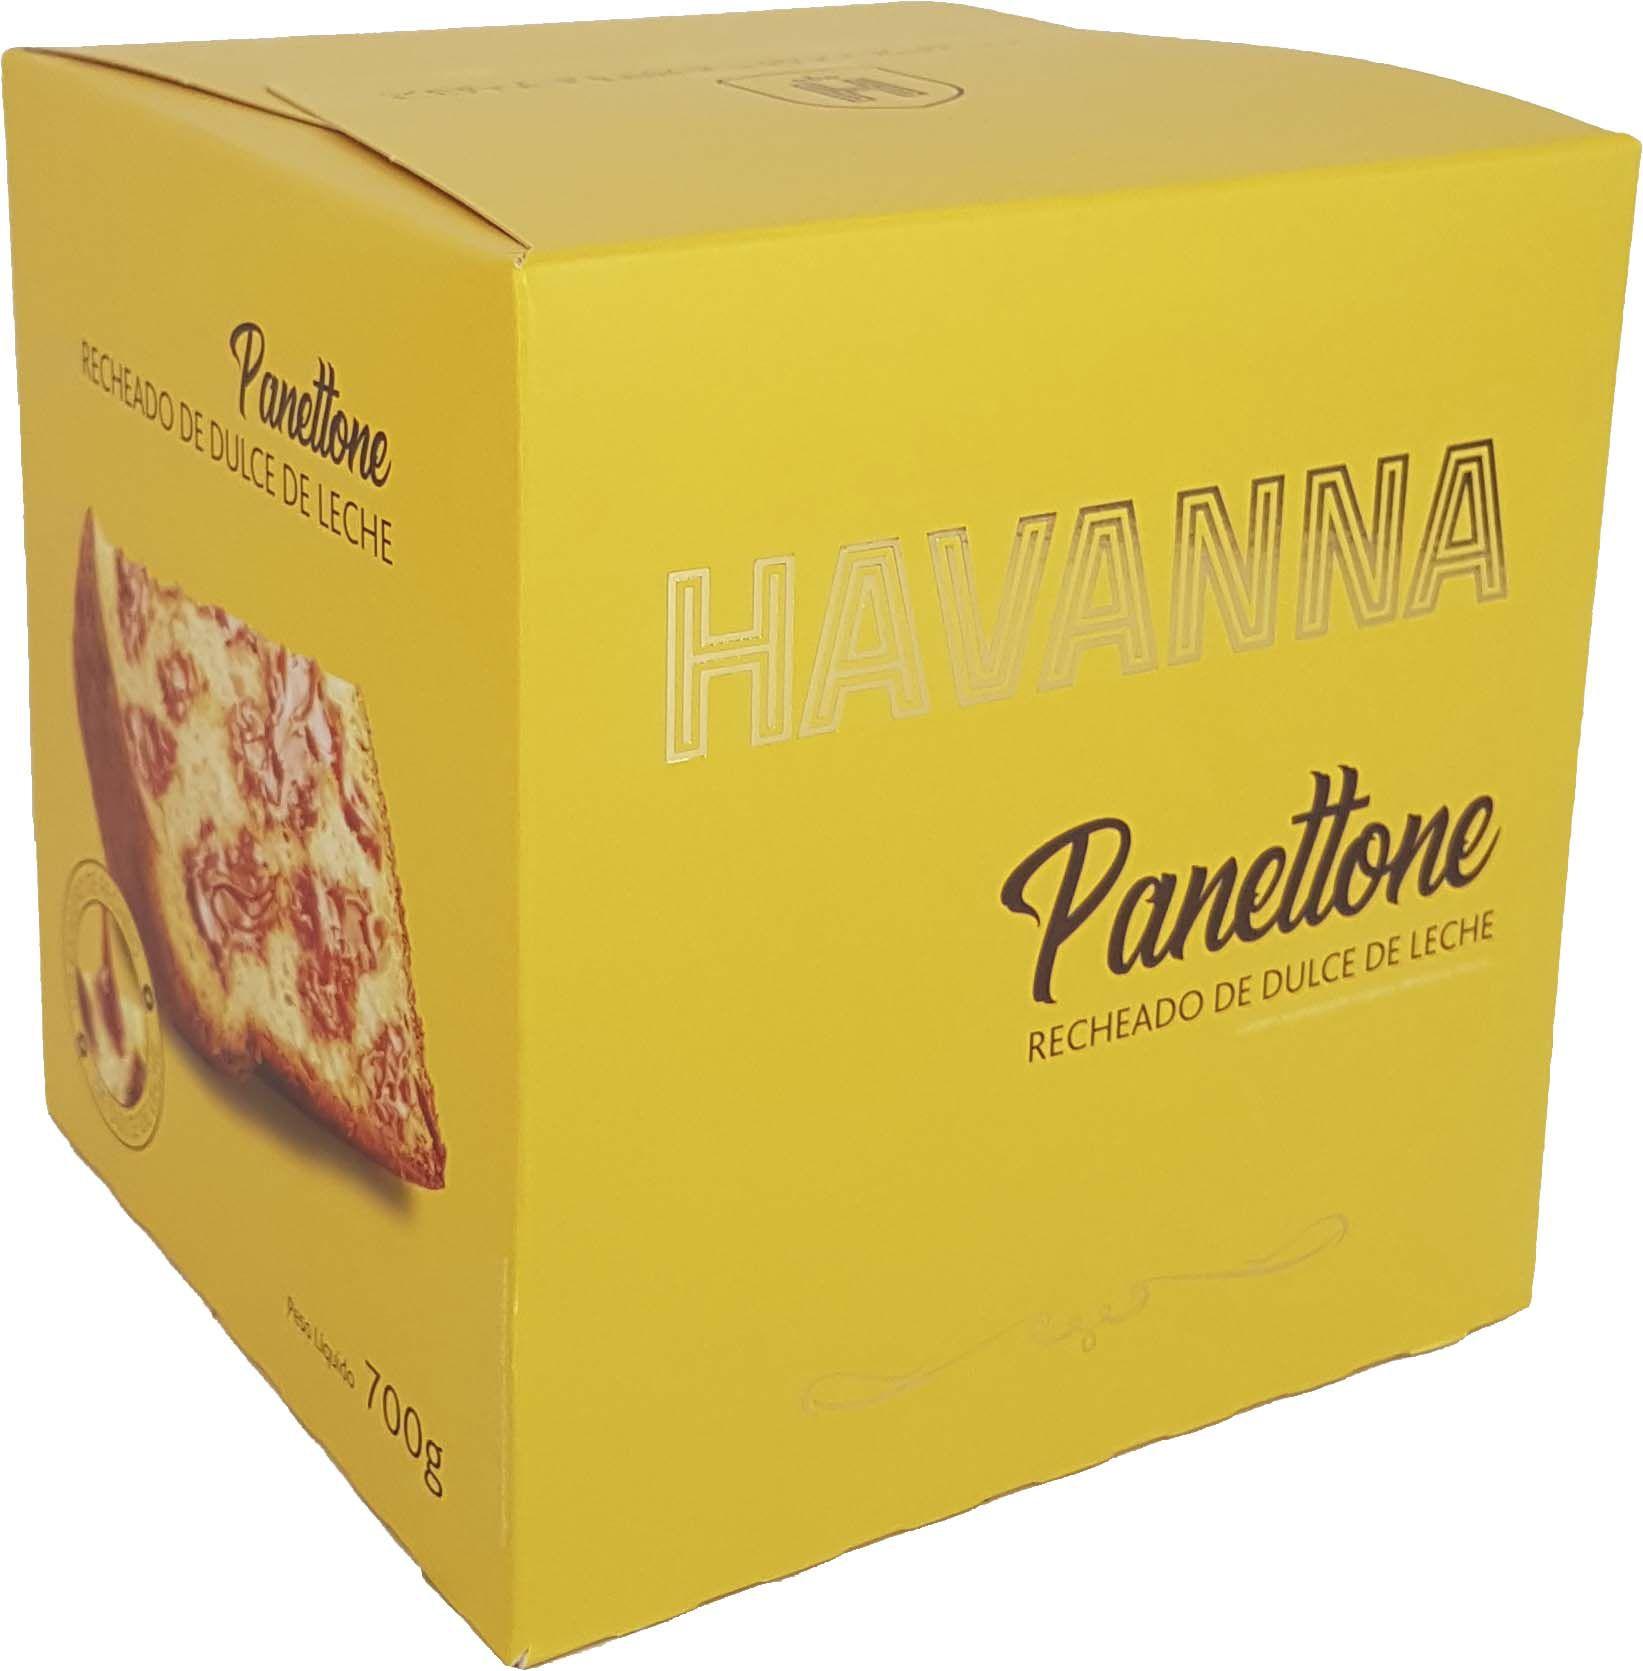 Panettone Havanna Recheado de Dulce de Leite - 700g -